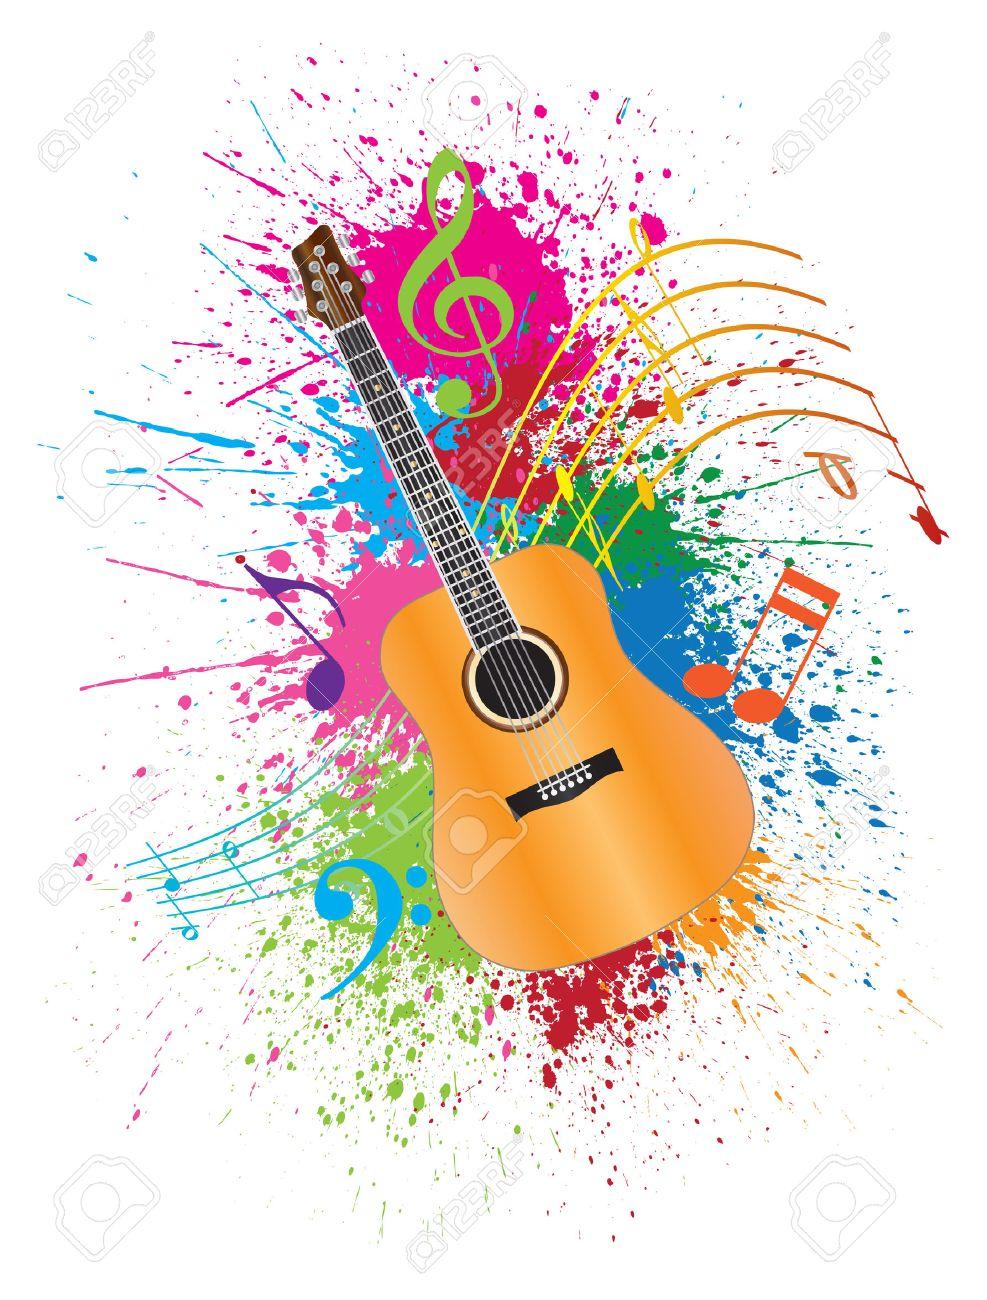 Guitare Acoustique Avec Les Notes De Musique Et De Peinture Illustration Splatter Resume Effet De Couleur Clip Art Libres De Droits Vecteurs Et Illustration Image 46079067